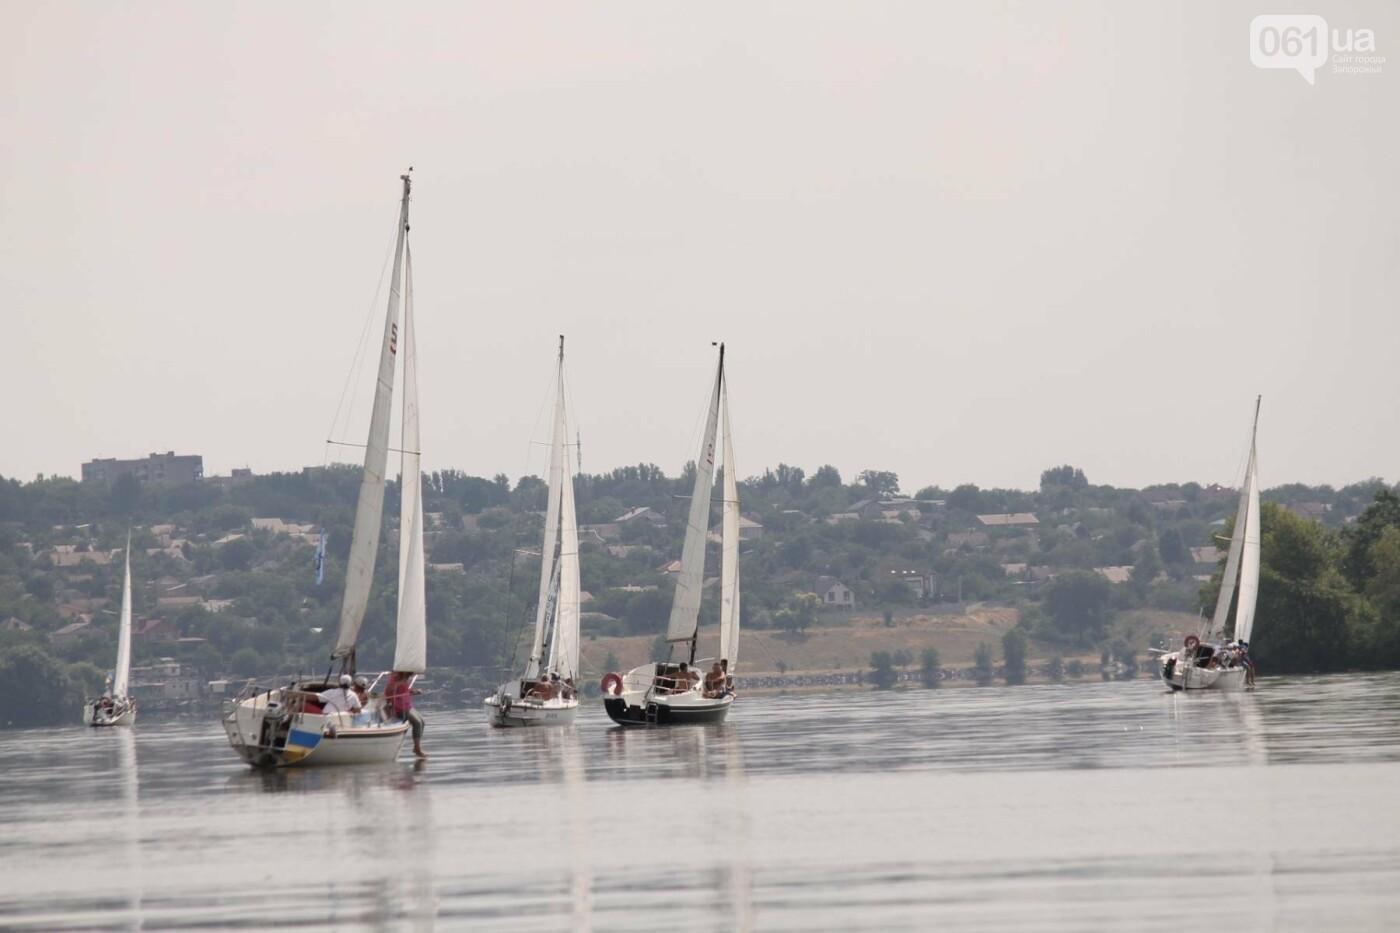 Сотни спортсменов и десятки яхт: как в Запорожье проходит парусная регата, – ФОТОРЕПОРТАЖ, фото-30